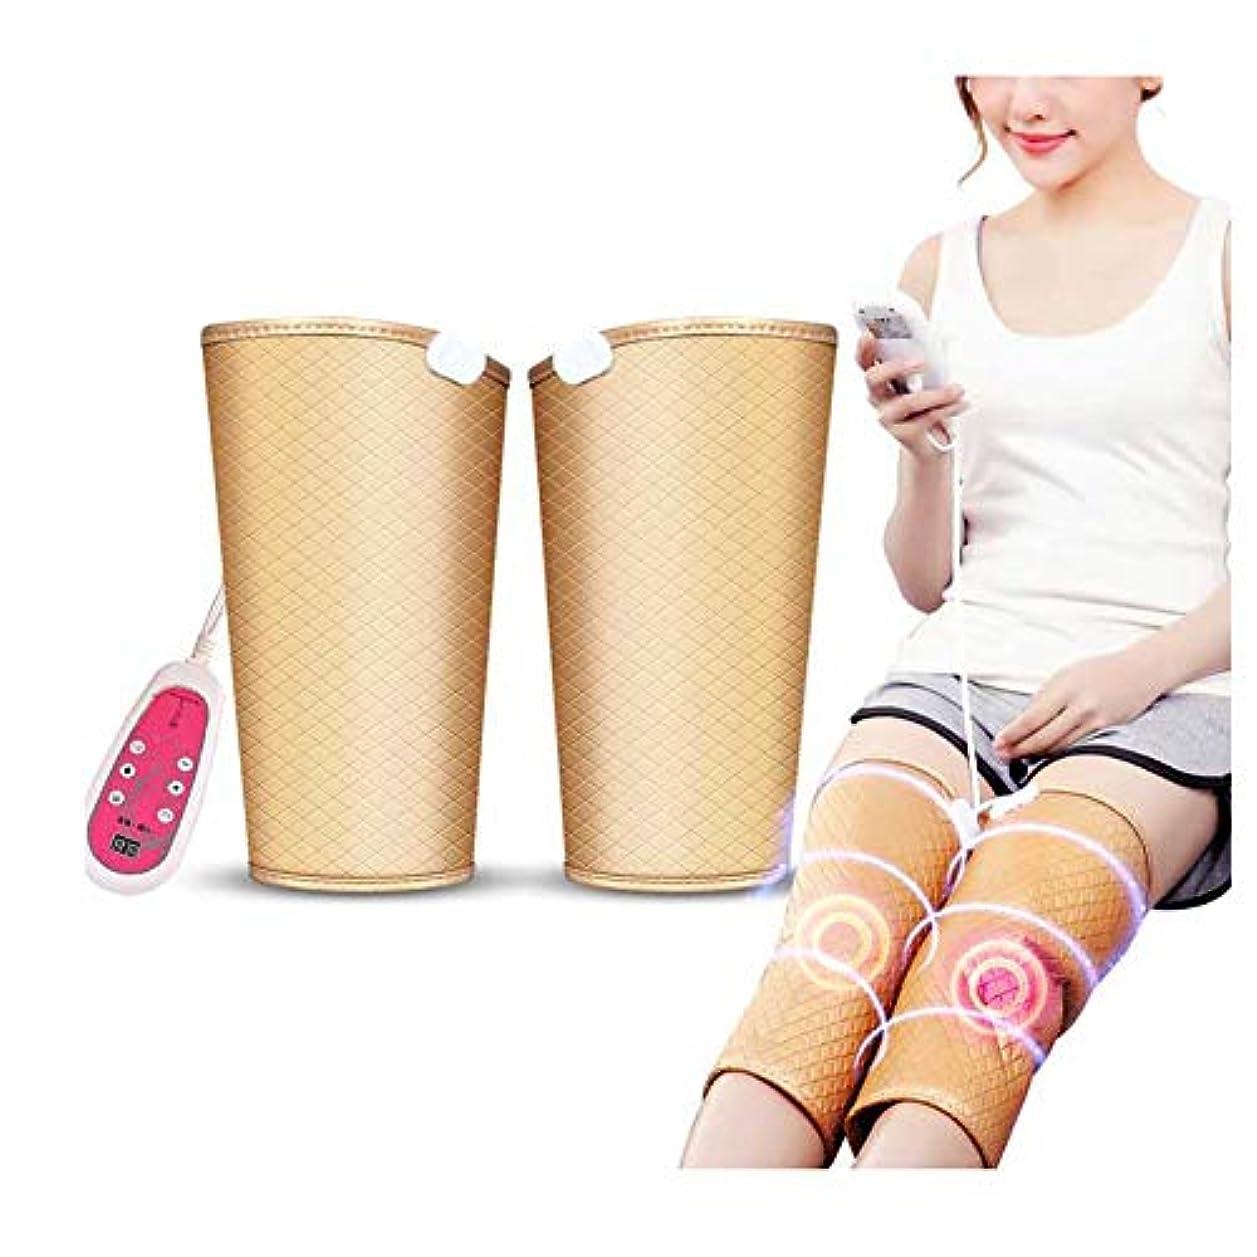 助けになる区画小説家暖房膝サポート9マッサージモードと膝のけがのための5つの速度でラップ膝温めラップパッド療法マッサージャー